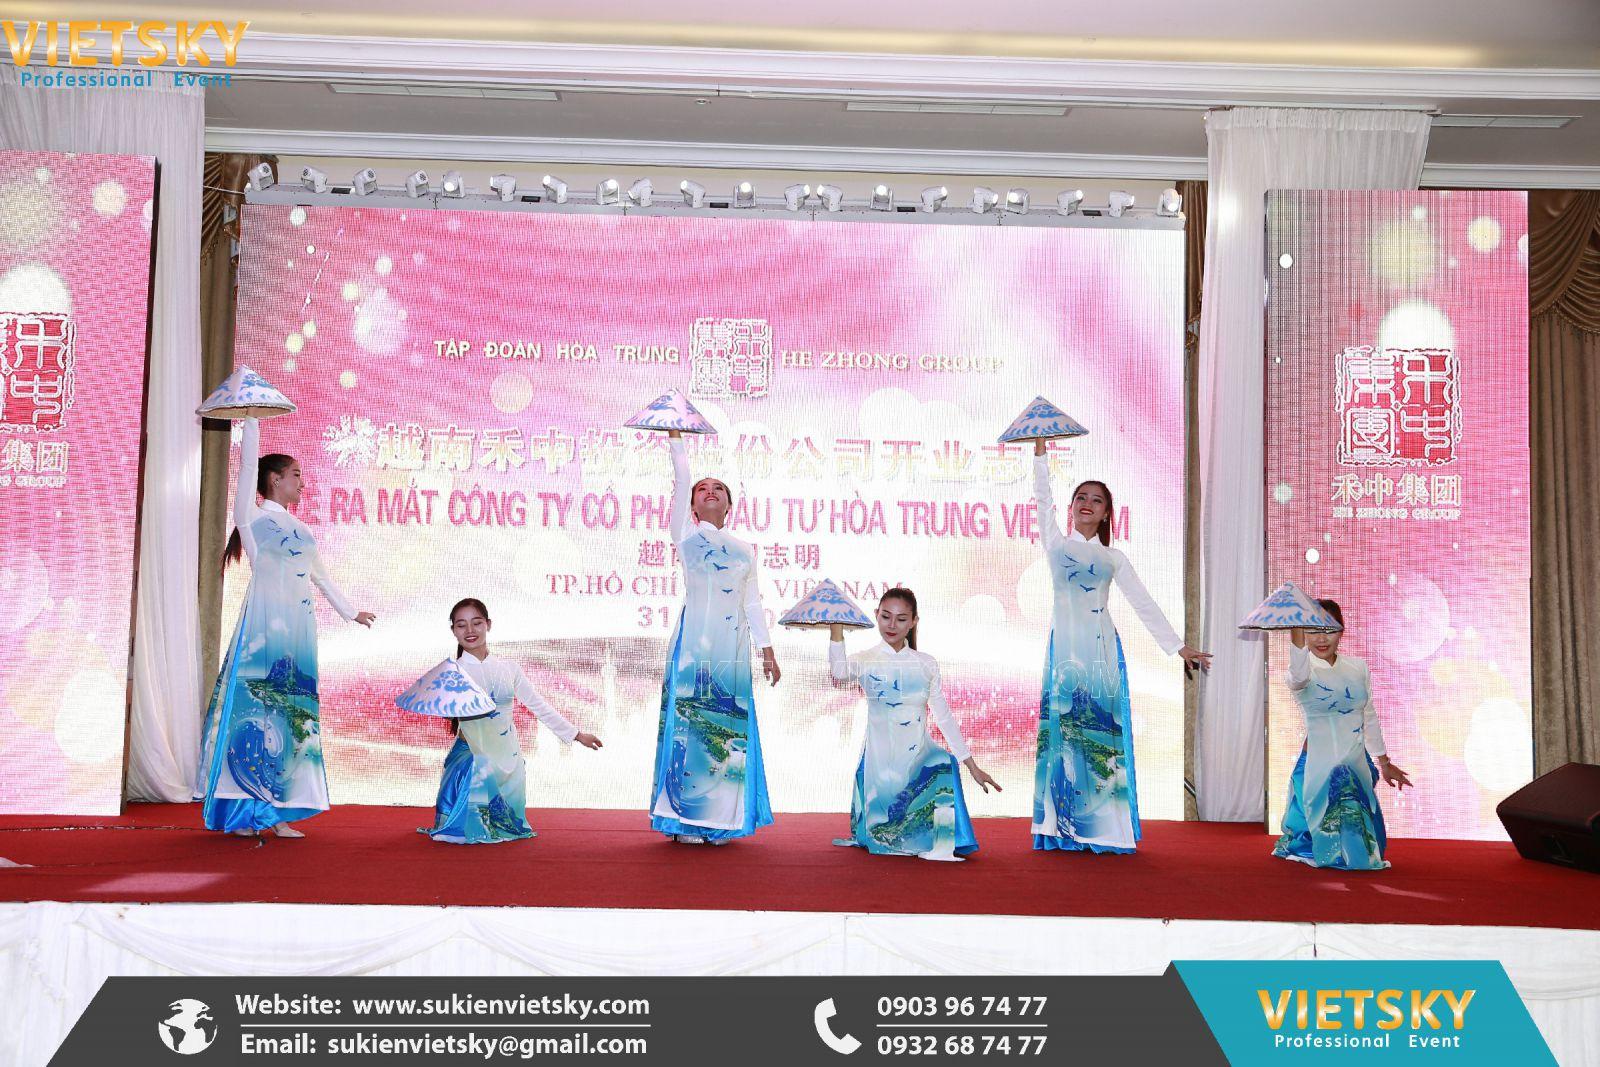 dịch vụ tổ chức lễ ra mắt công ty tại hcm